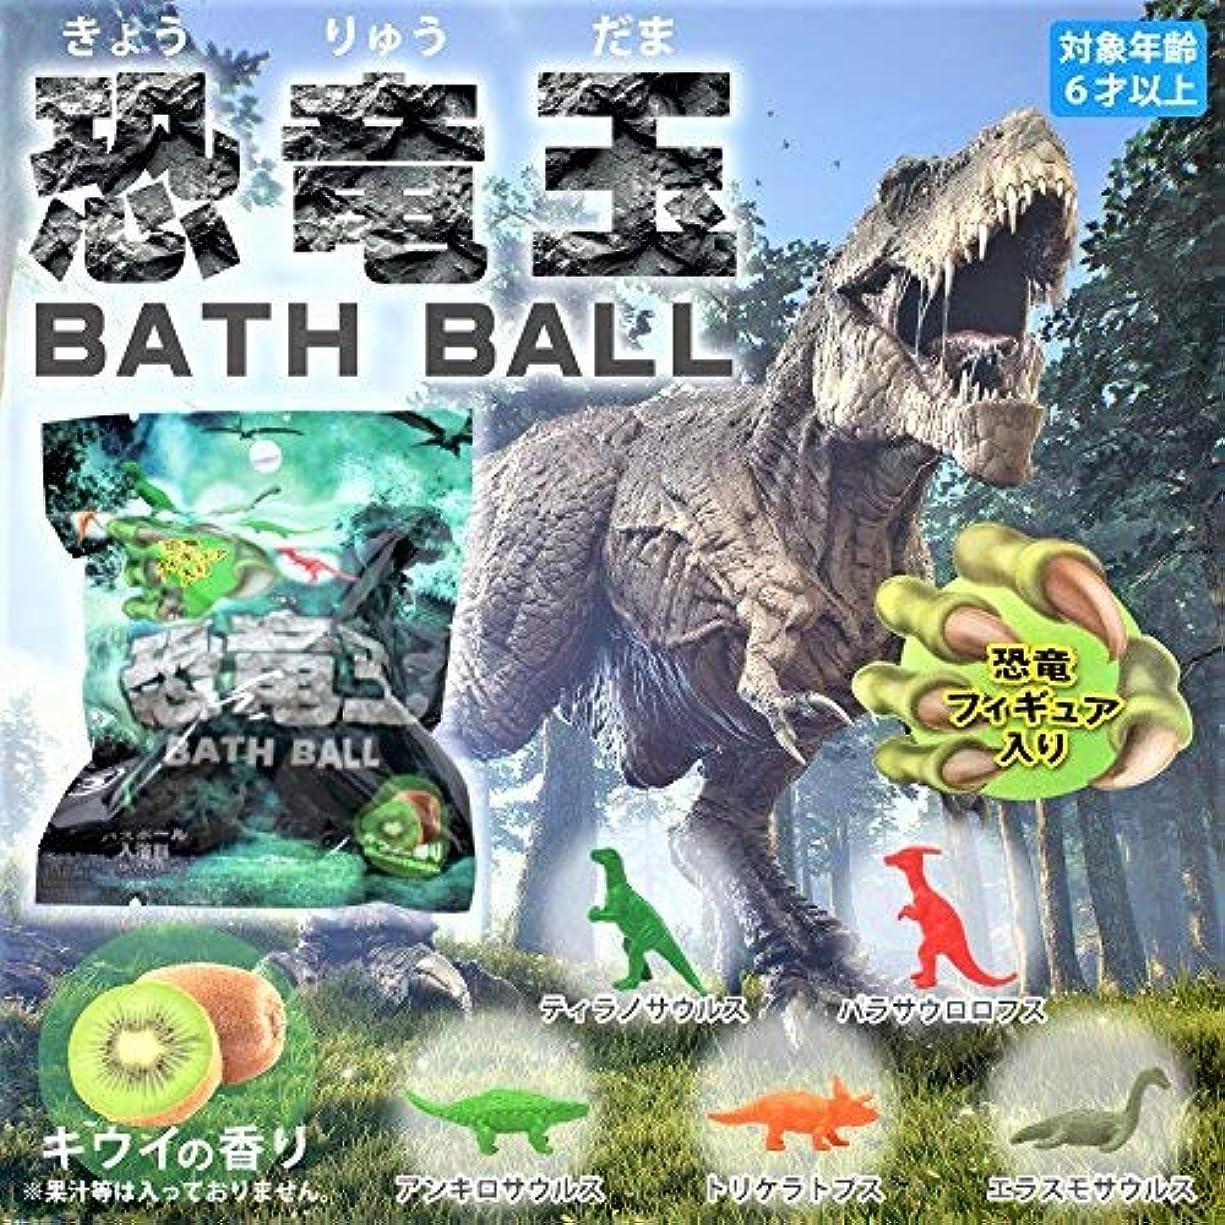 バット日食義務づける恐竜玉バスボール 24個1セット キウイの香り 恐竜フィギュア入りバスボール 入浴剤